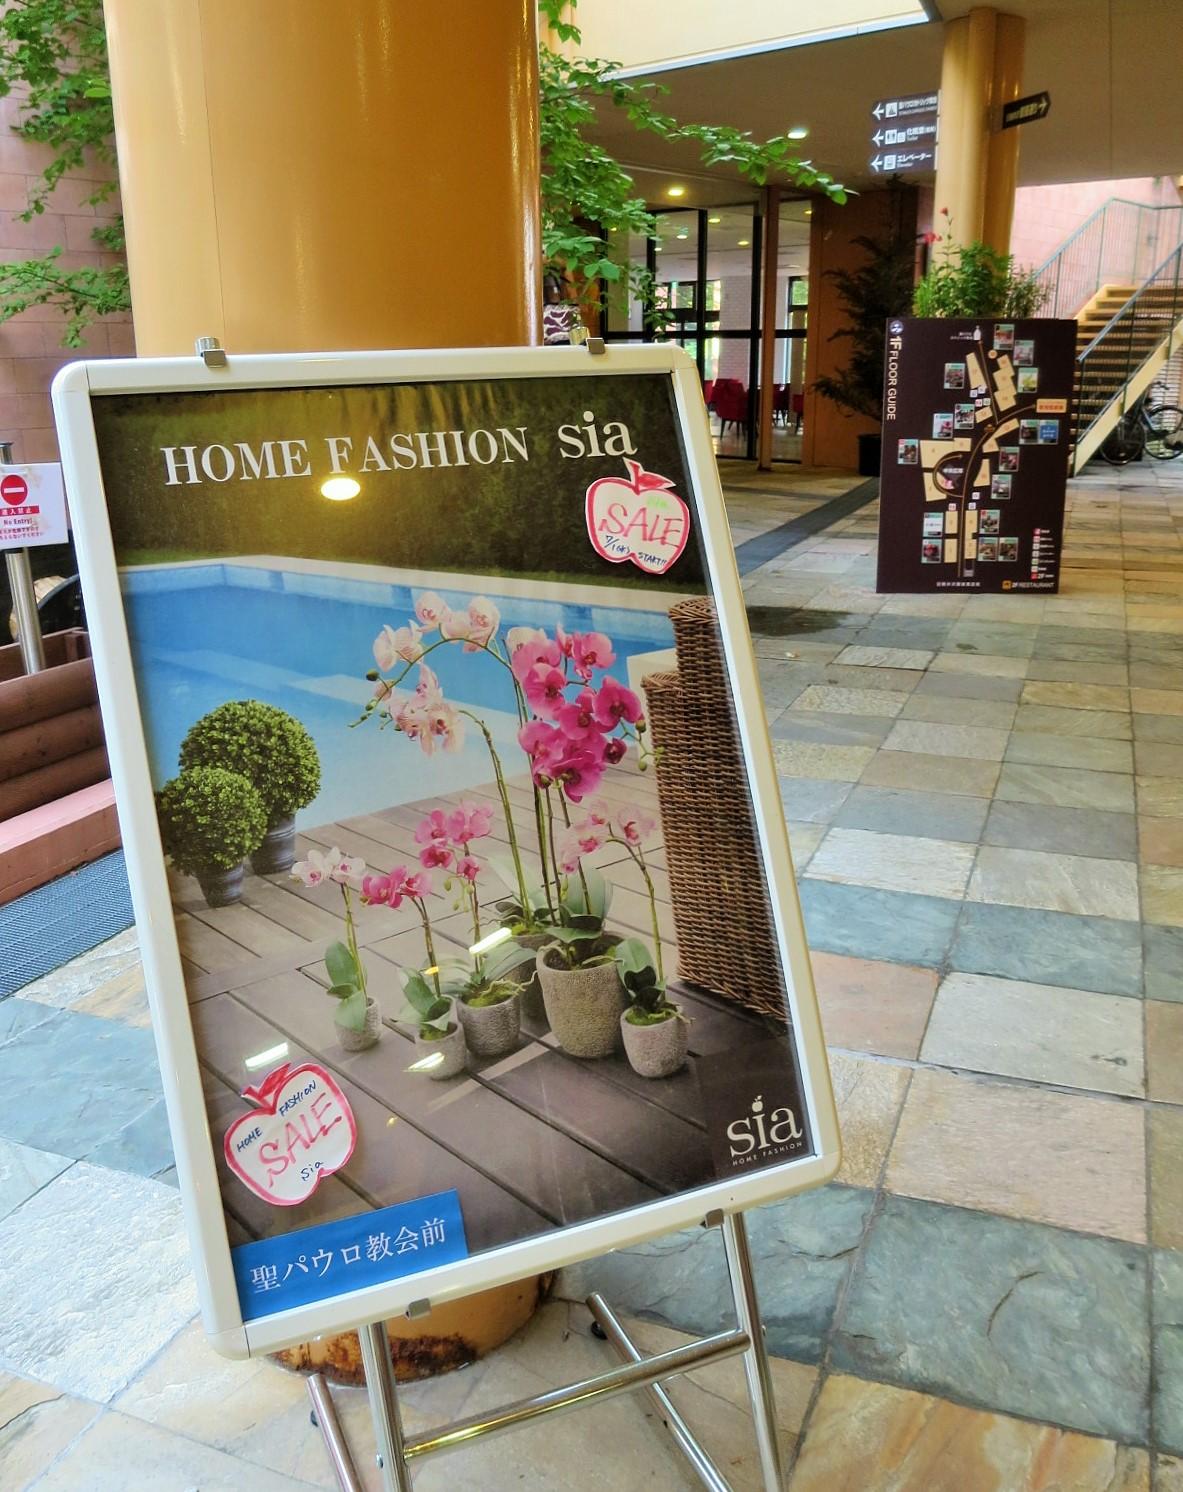 Home Fashion sia・チャーチストリート軽井沢店☆夏のセール中!!_f0236260_2321411.jpg